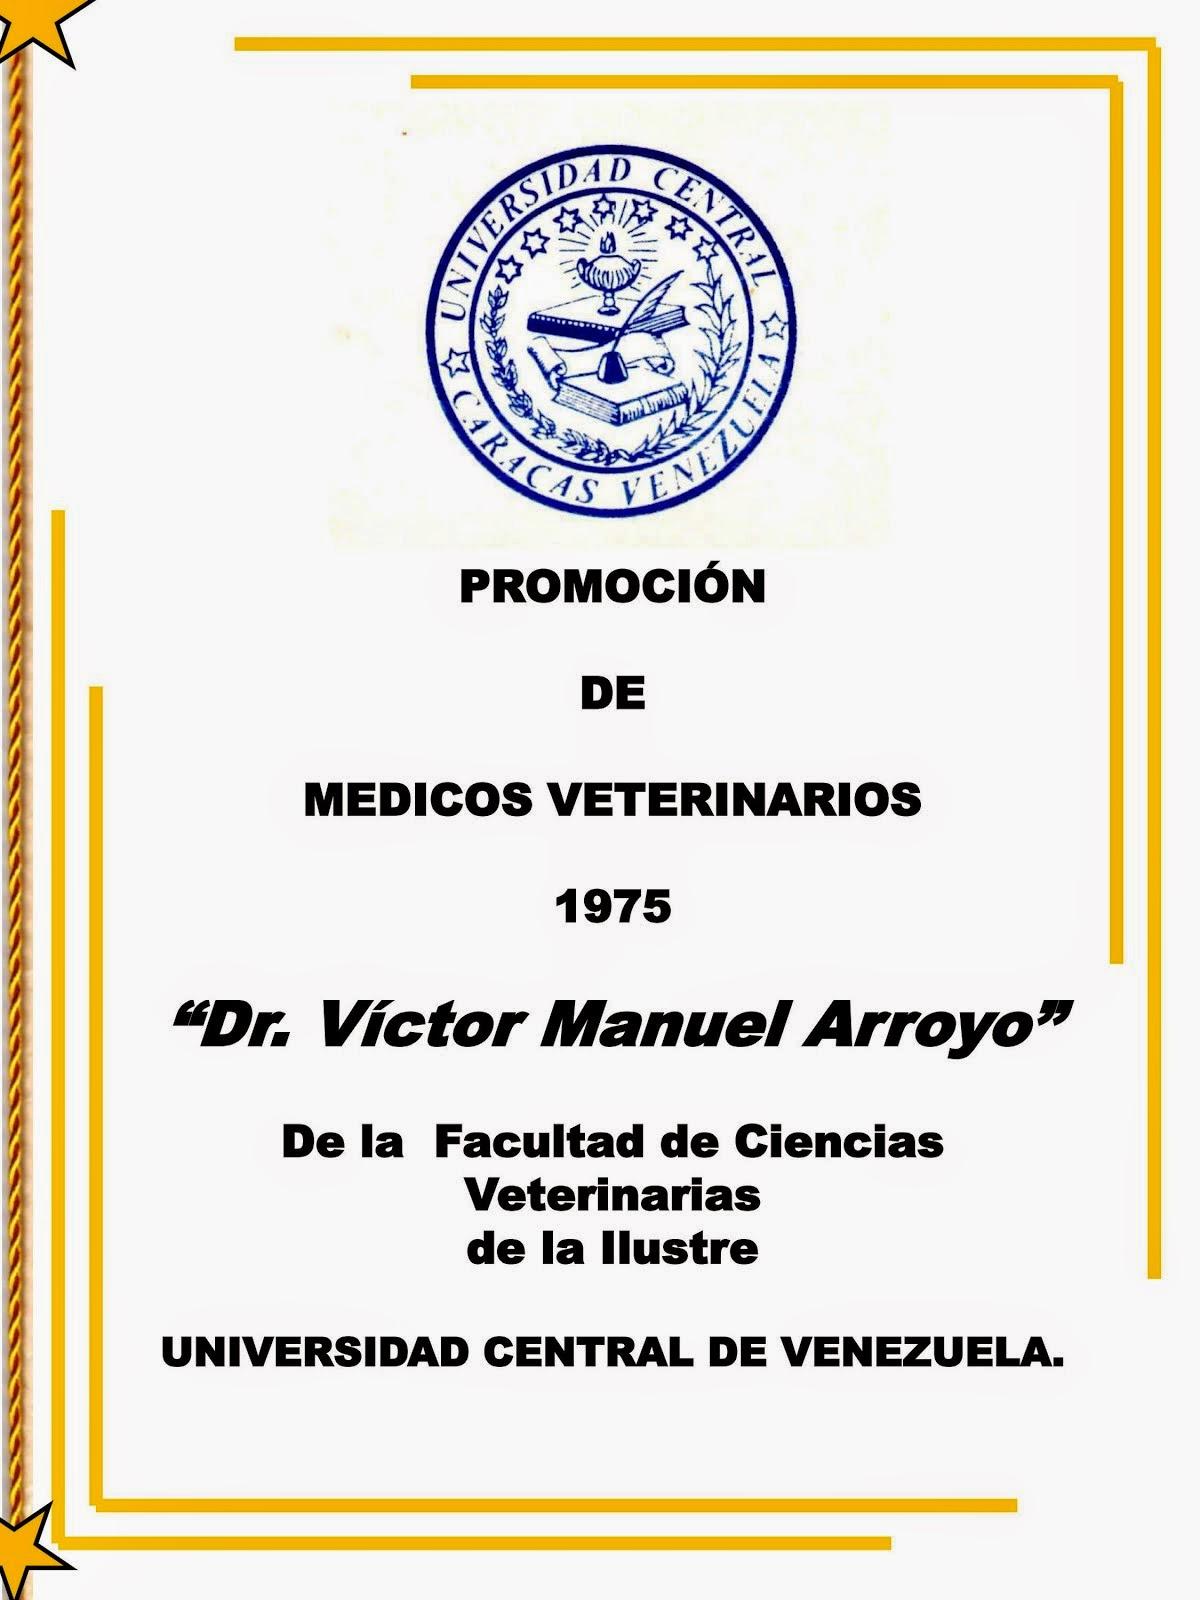 PROMOCION DR. VICTOR MANUEL ARROYO